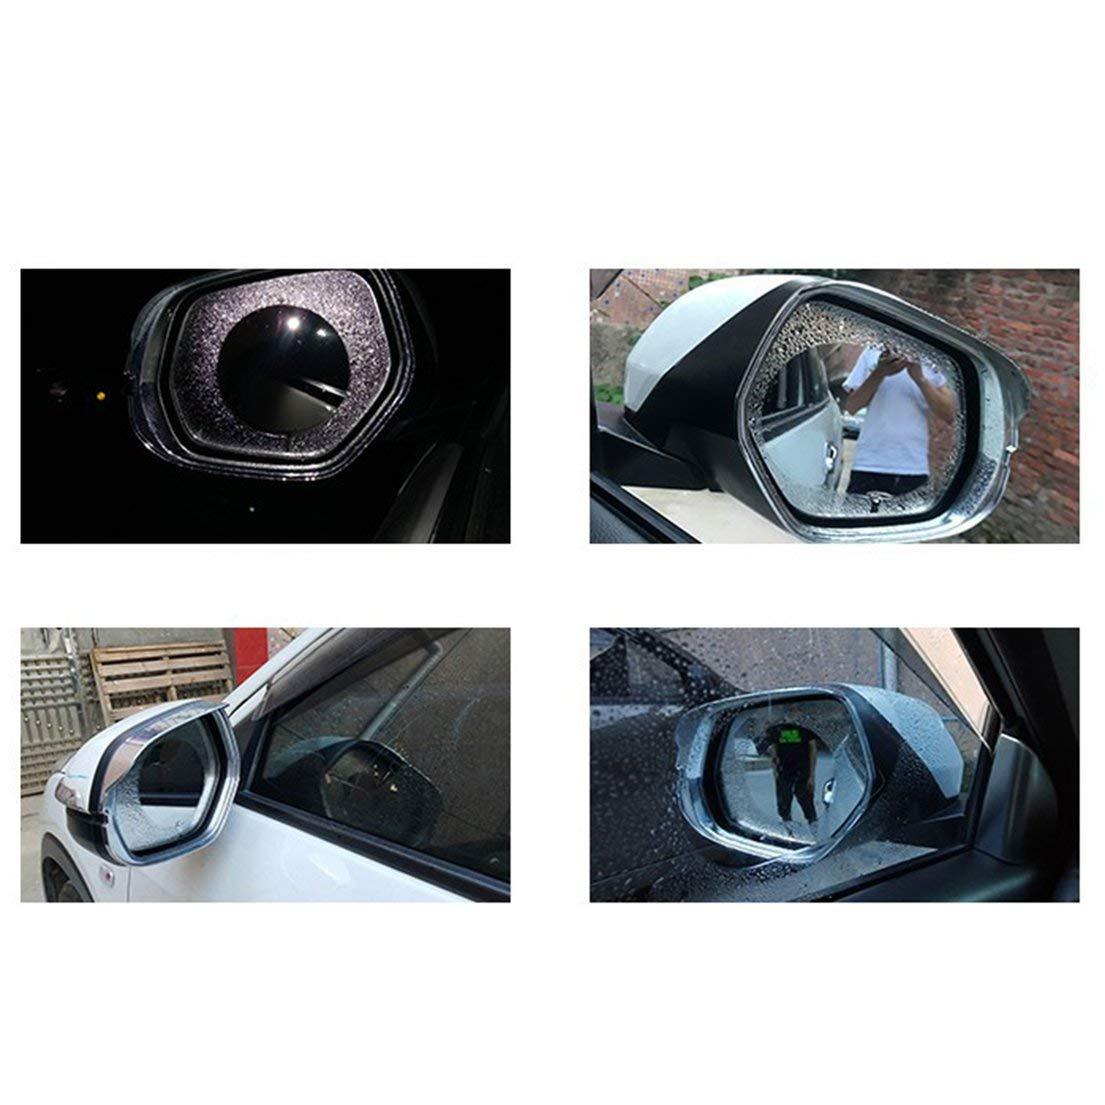 Film de r/étroviseur de voiture Film anti-eau anti-brouillard anti-eau pour voiture /Étanche /à la pluie /Étanche r/étroviseur fen/être Clear Film DFHJSXD